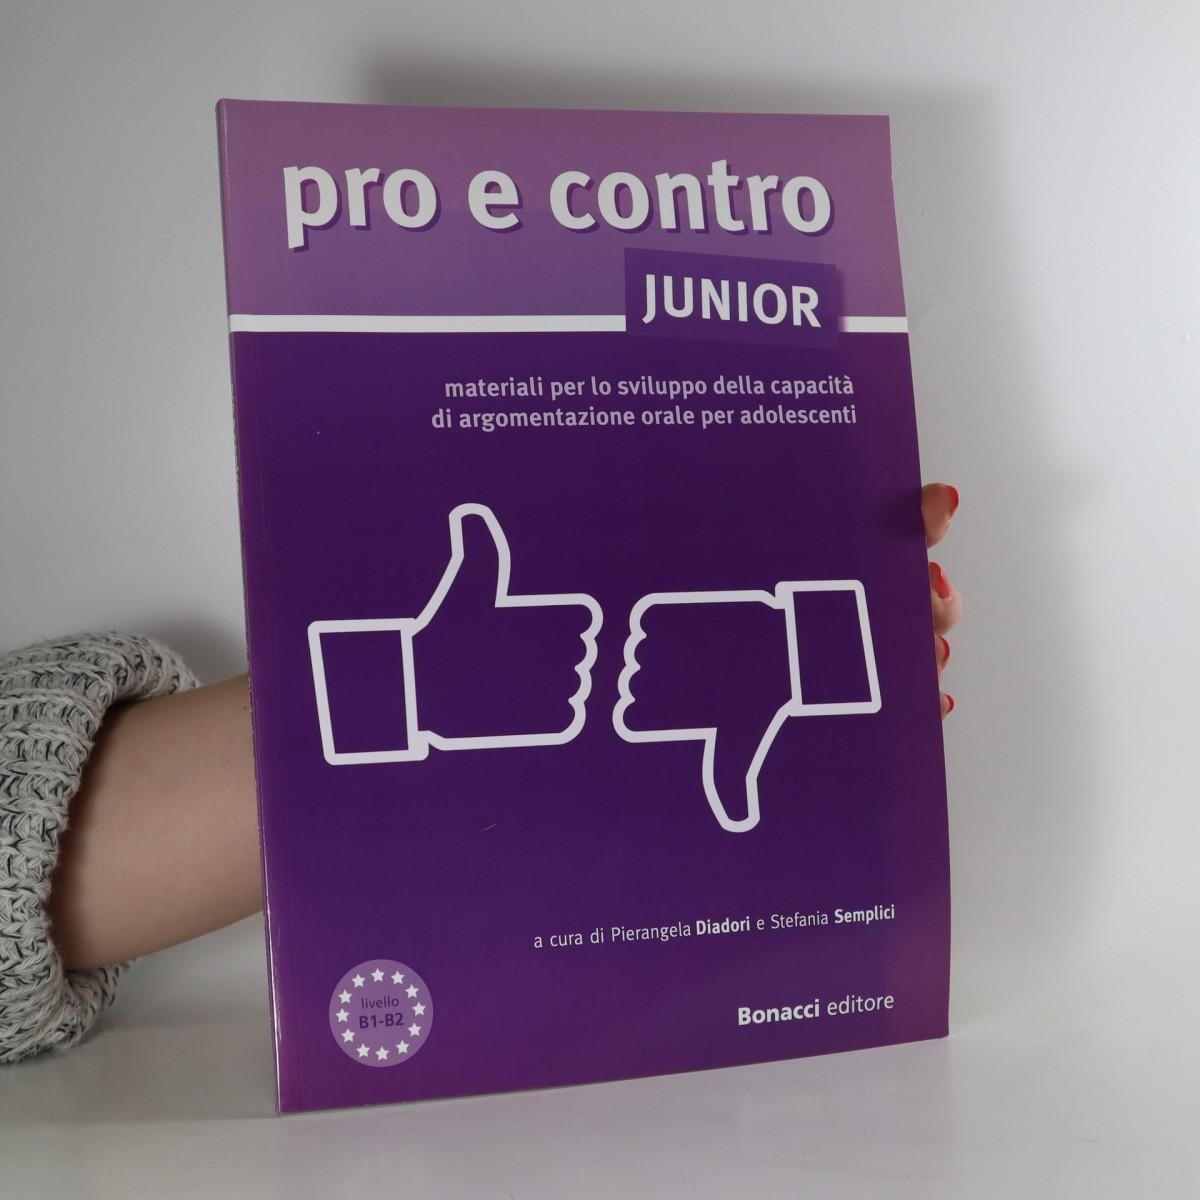 antikvární kniha Pro e contro junior, neuveden